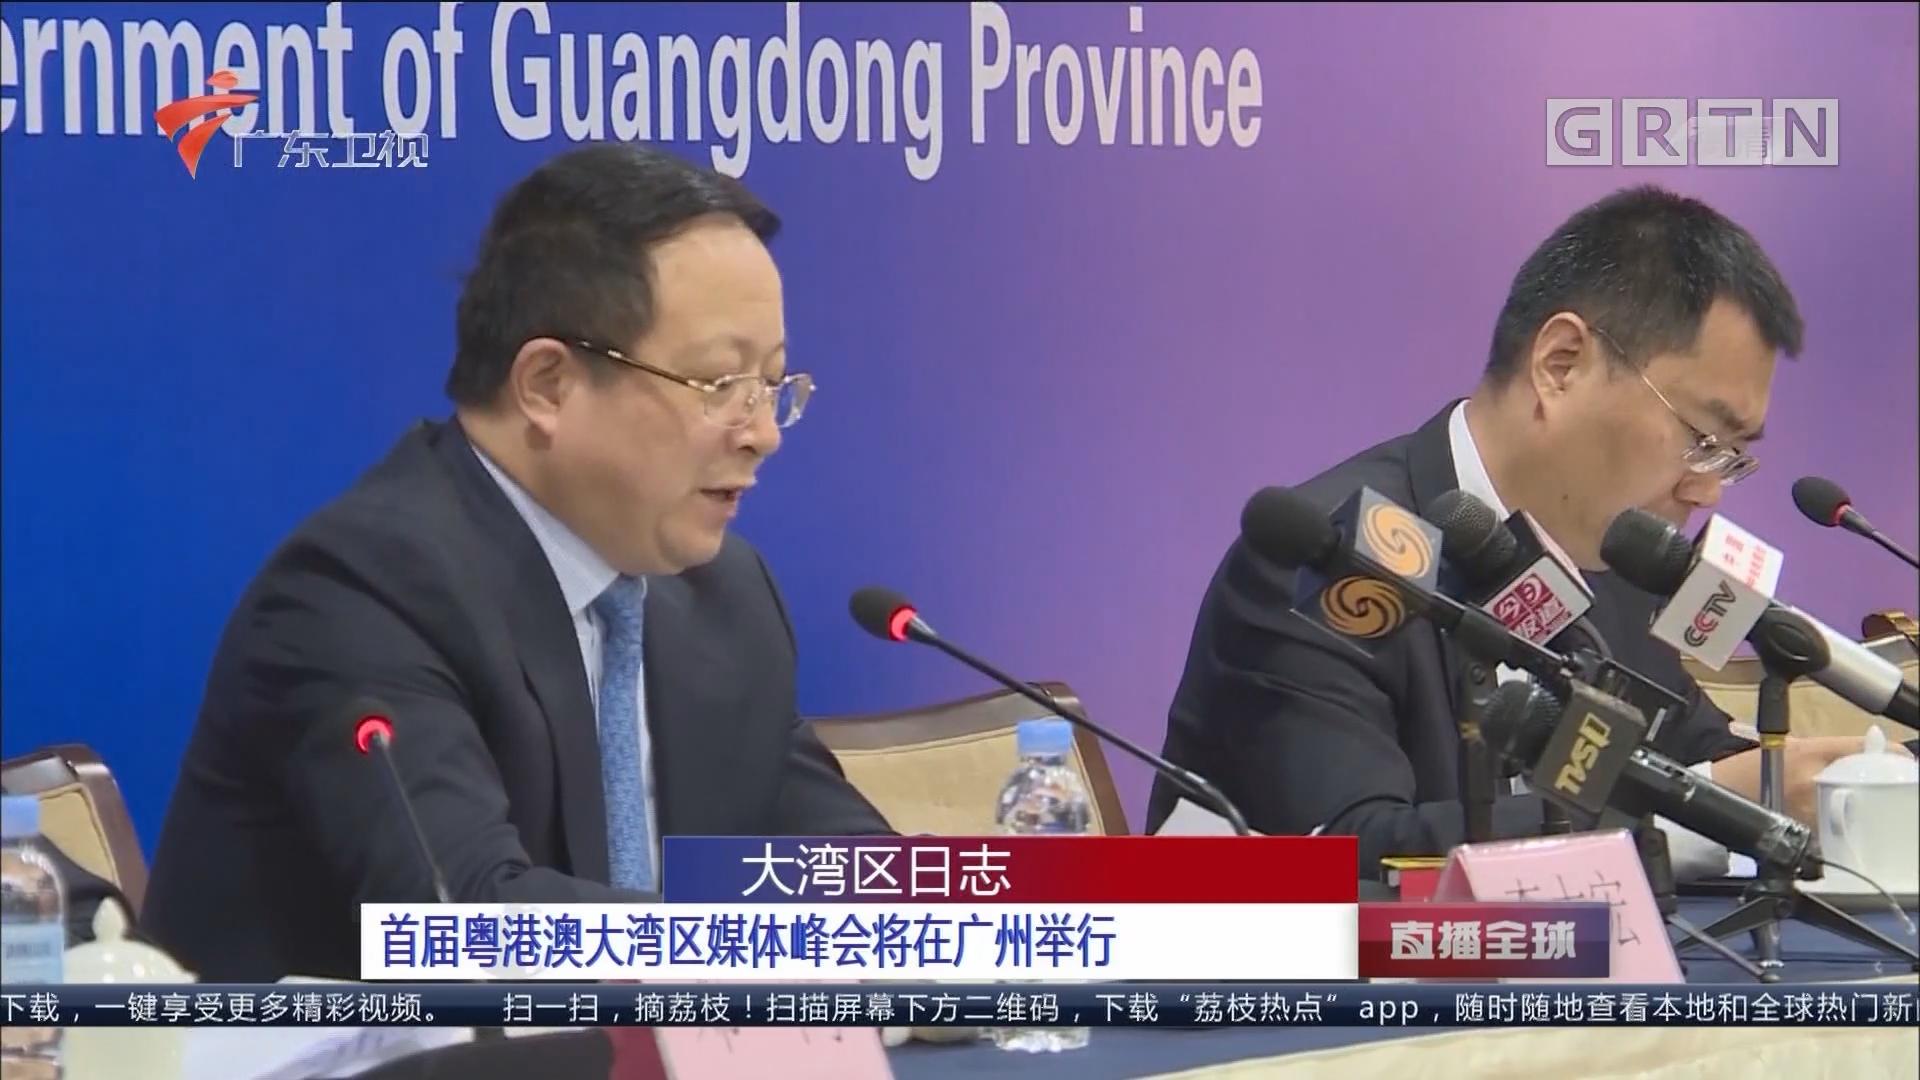 大湾区日志:首届粤港澳大湾区媒体峰会将在广州举行